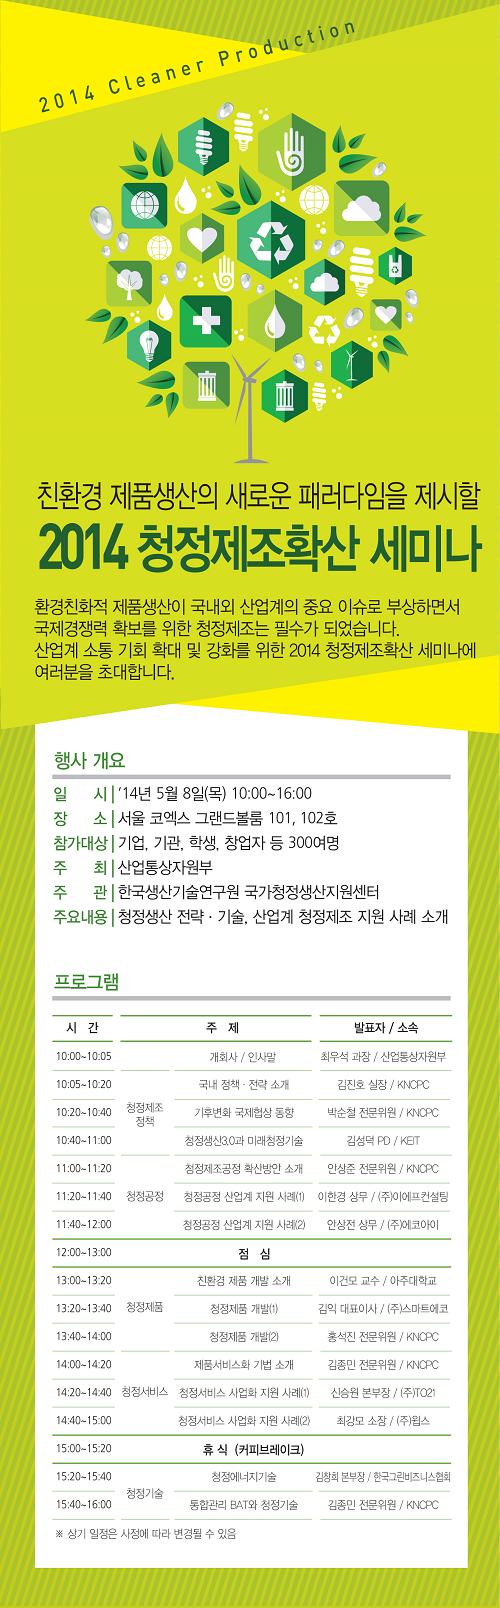 2014 청정제조 확산 세미나 개최